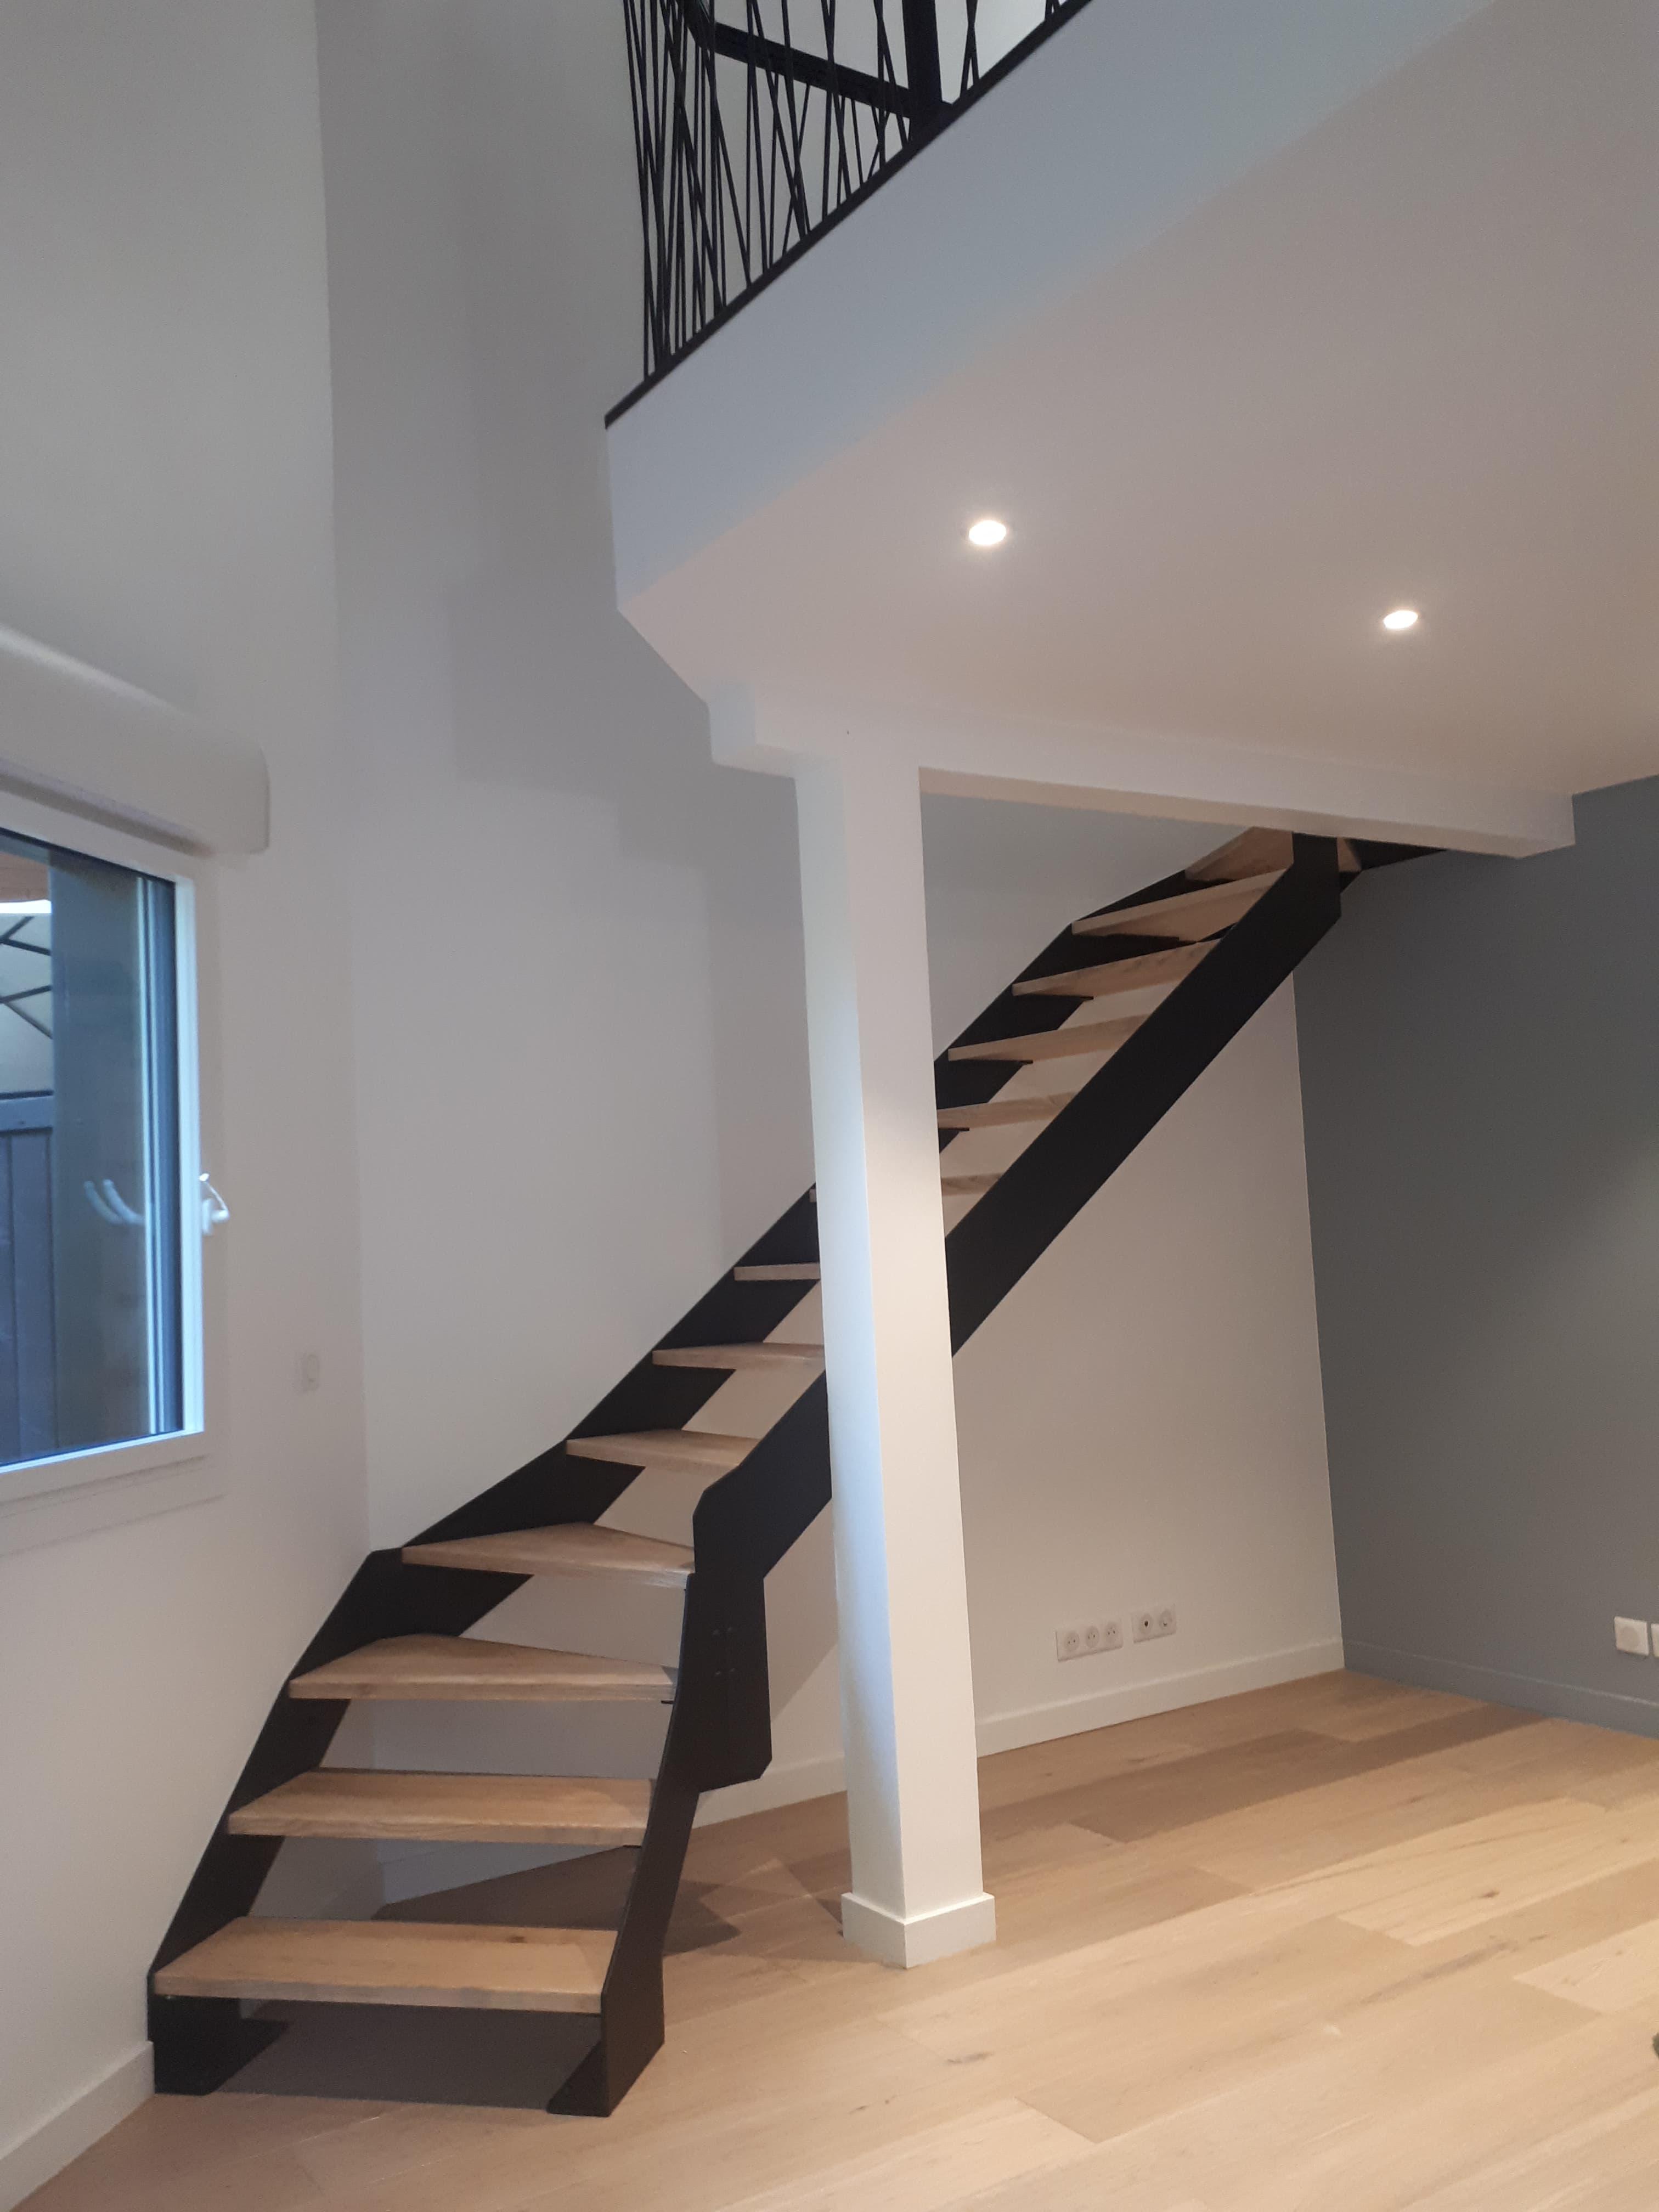 Escalier acier bois double quart tournant ROBI Annecy (74)3